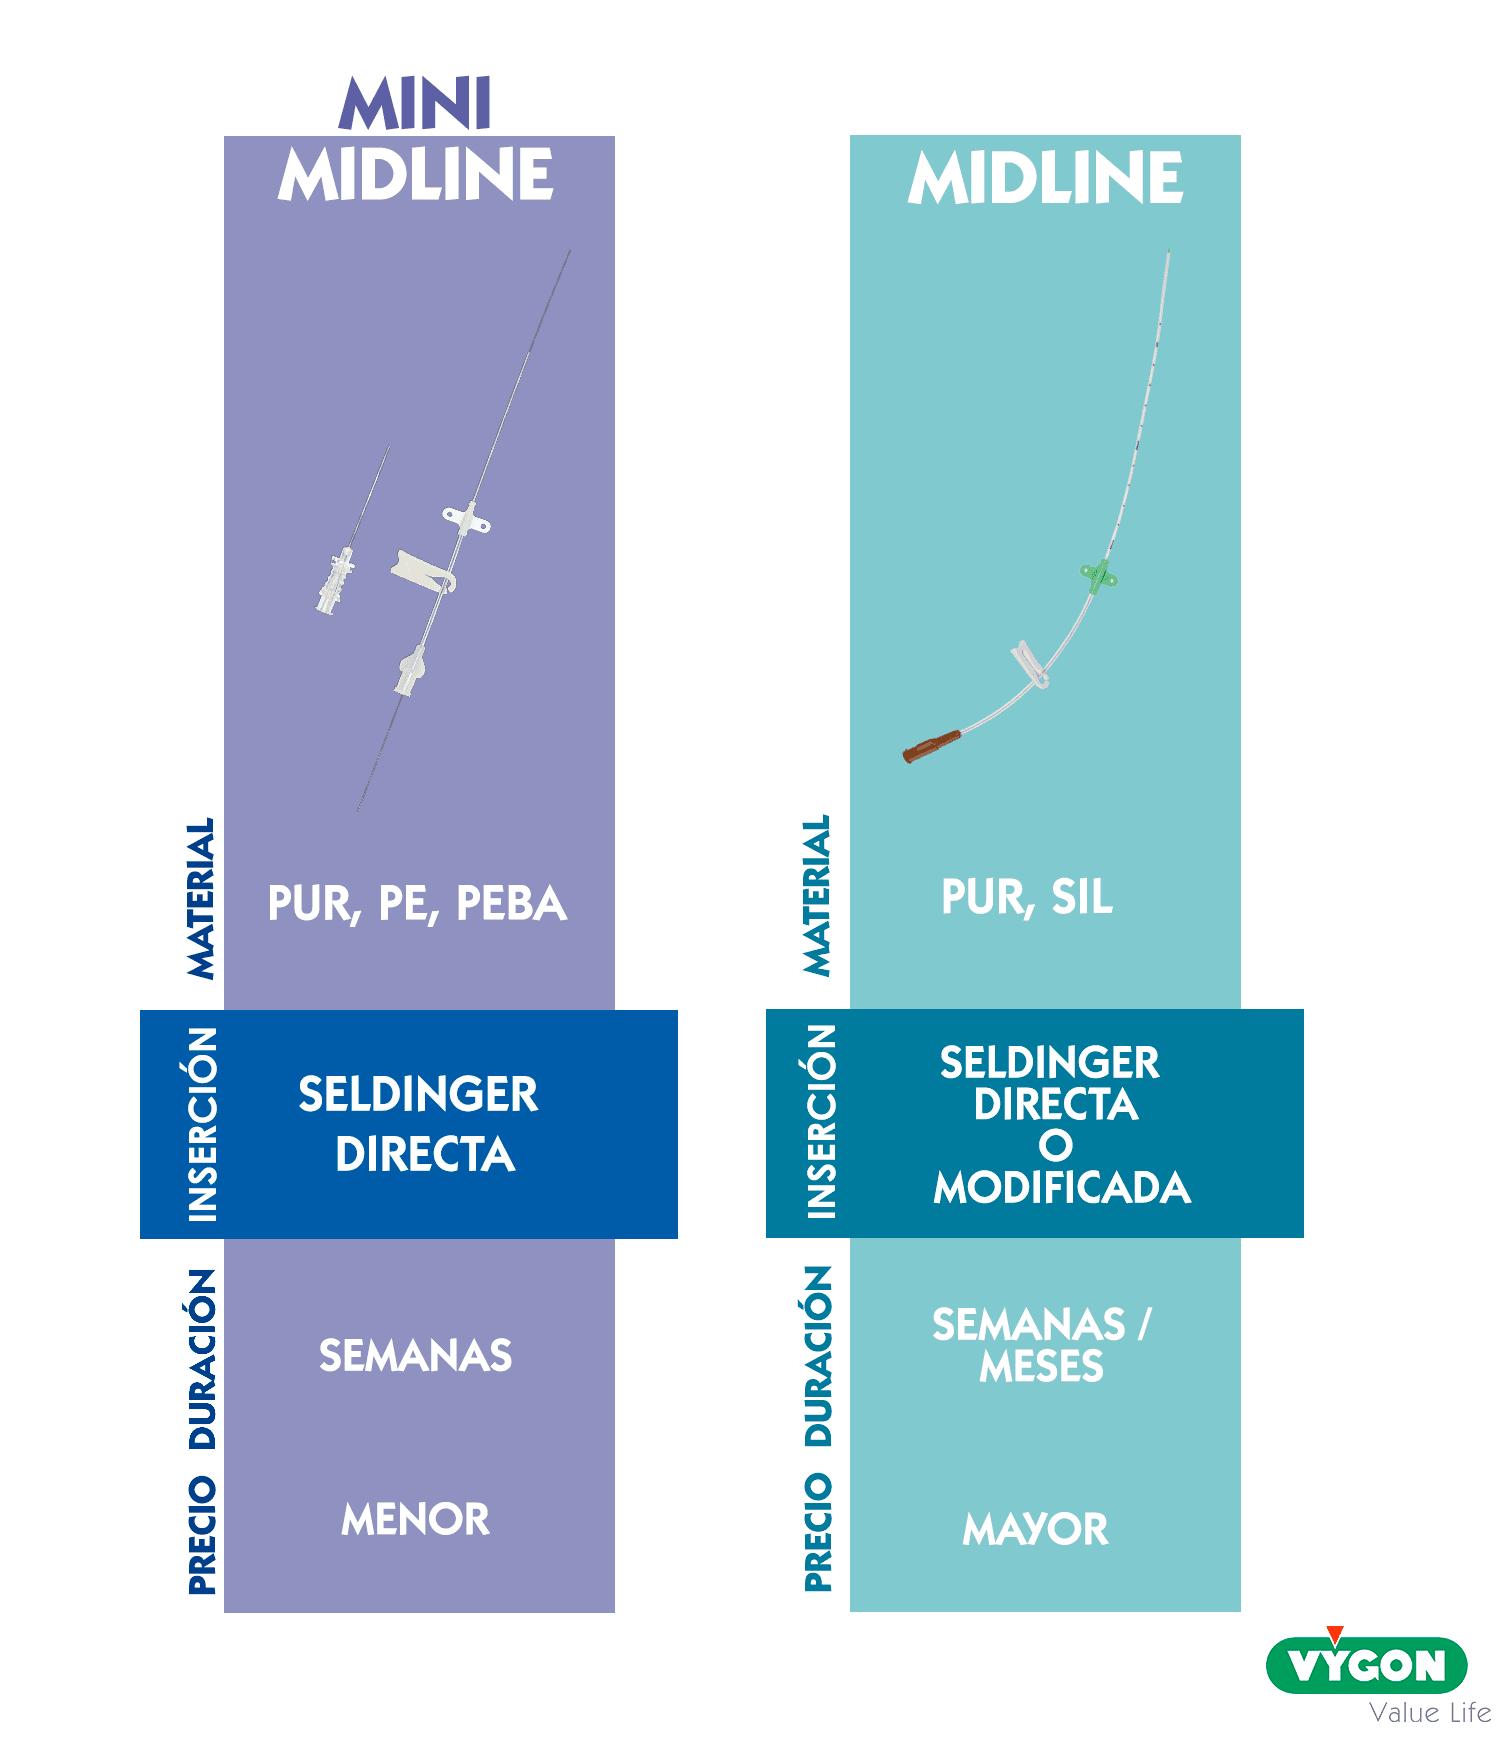 Cuadro comparativo características Midline y MiniMidline